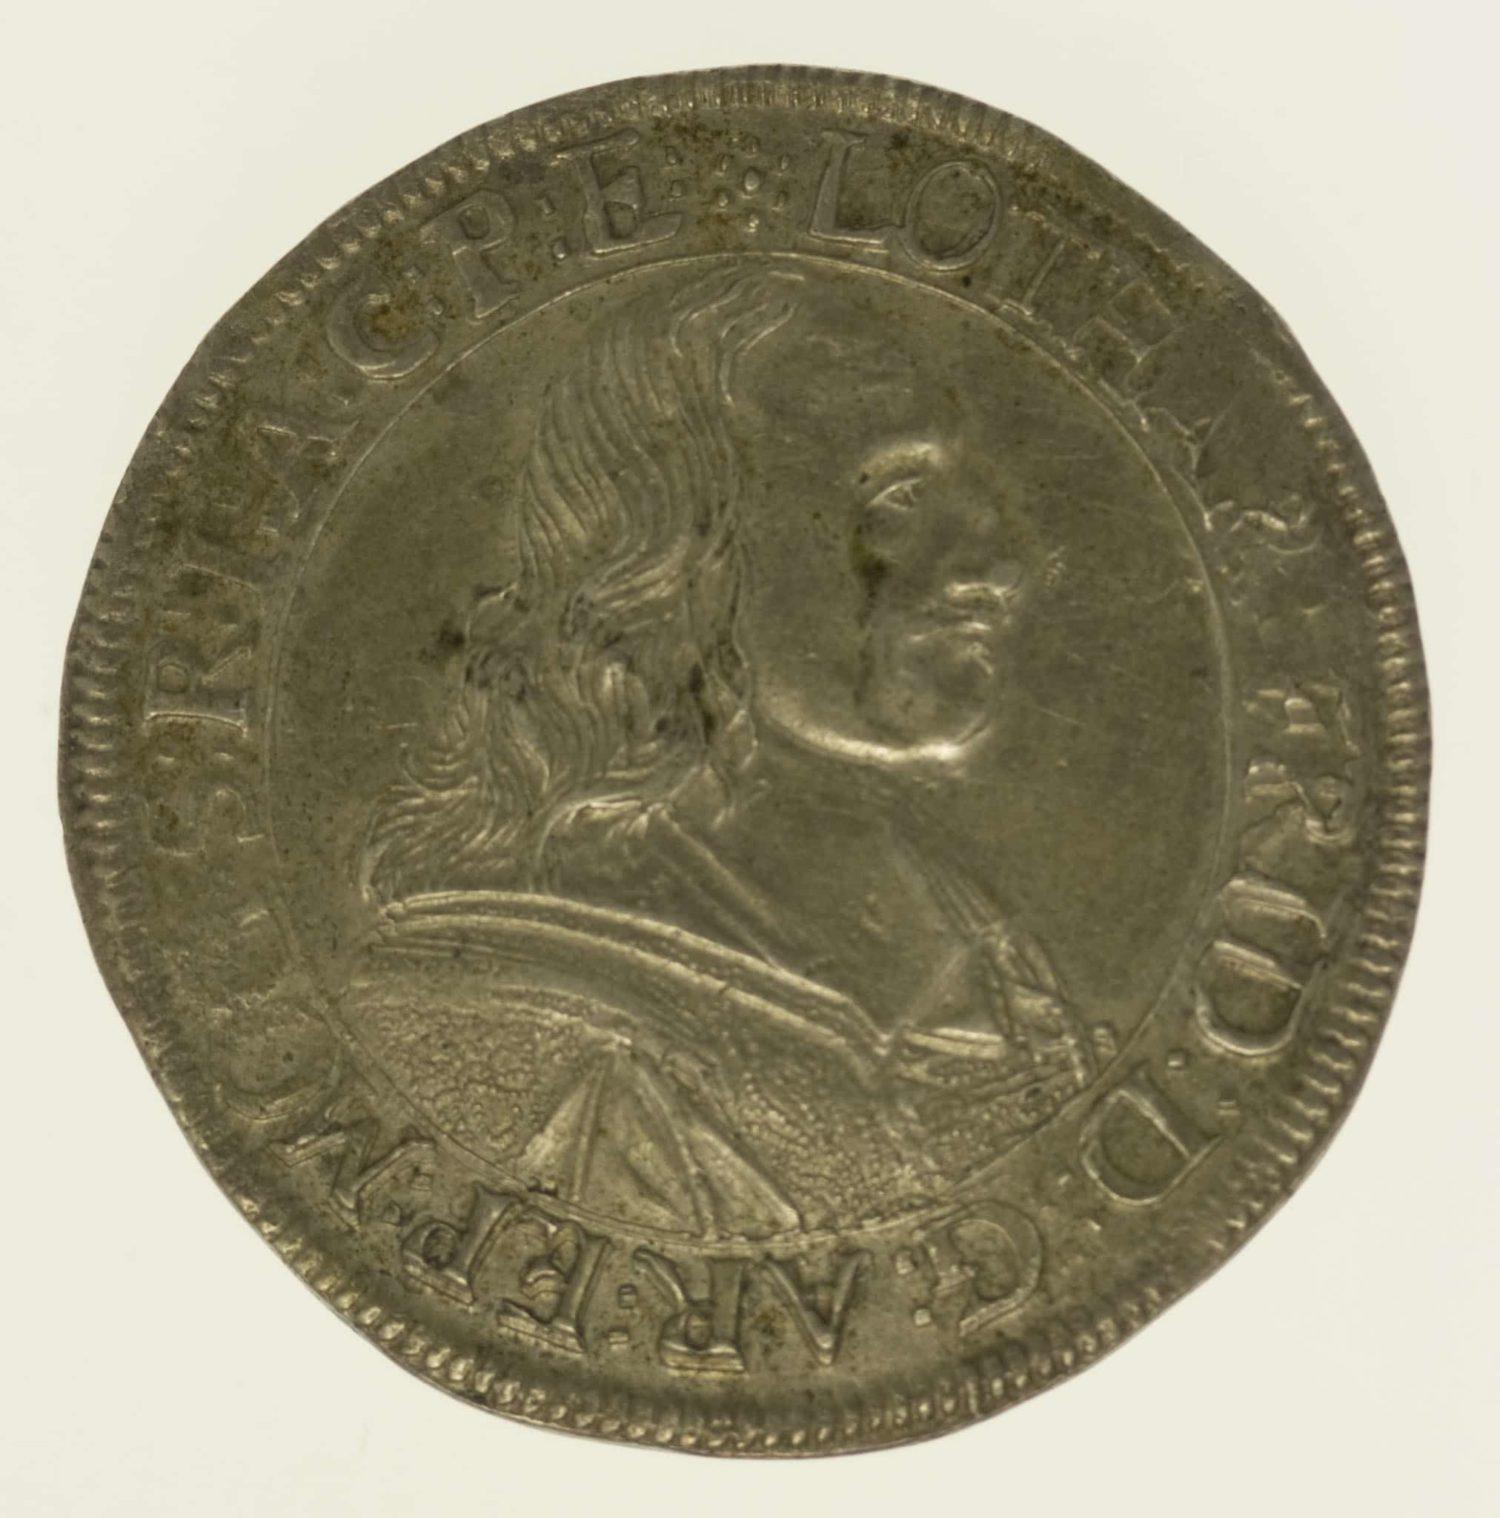 altdeutschland-deutsche-silbermuenzen - Mainz Lothar Friedrich Gulden zu 60 Kreuzern 1673